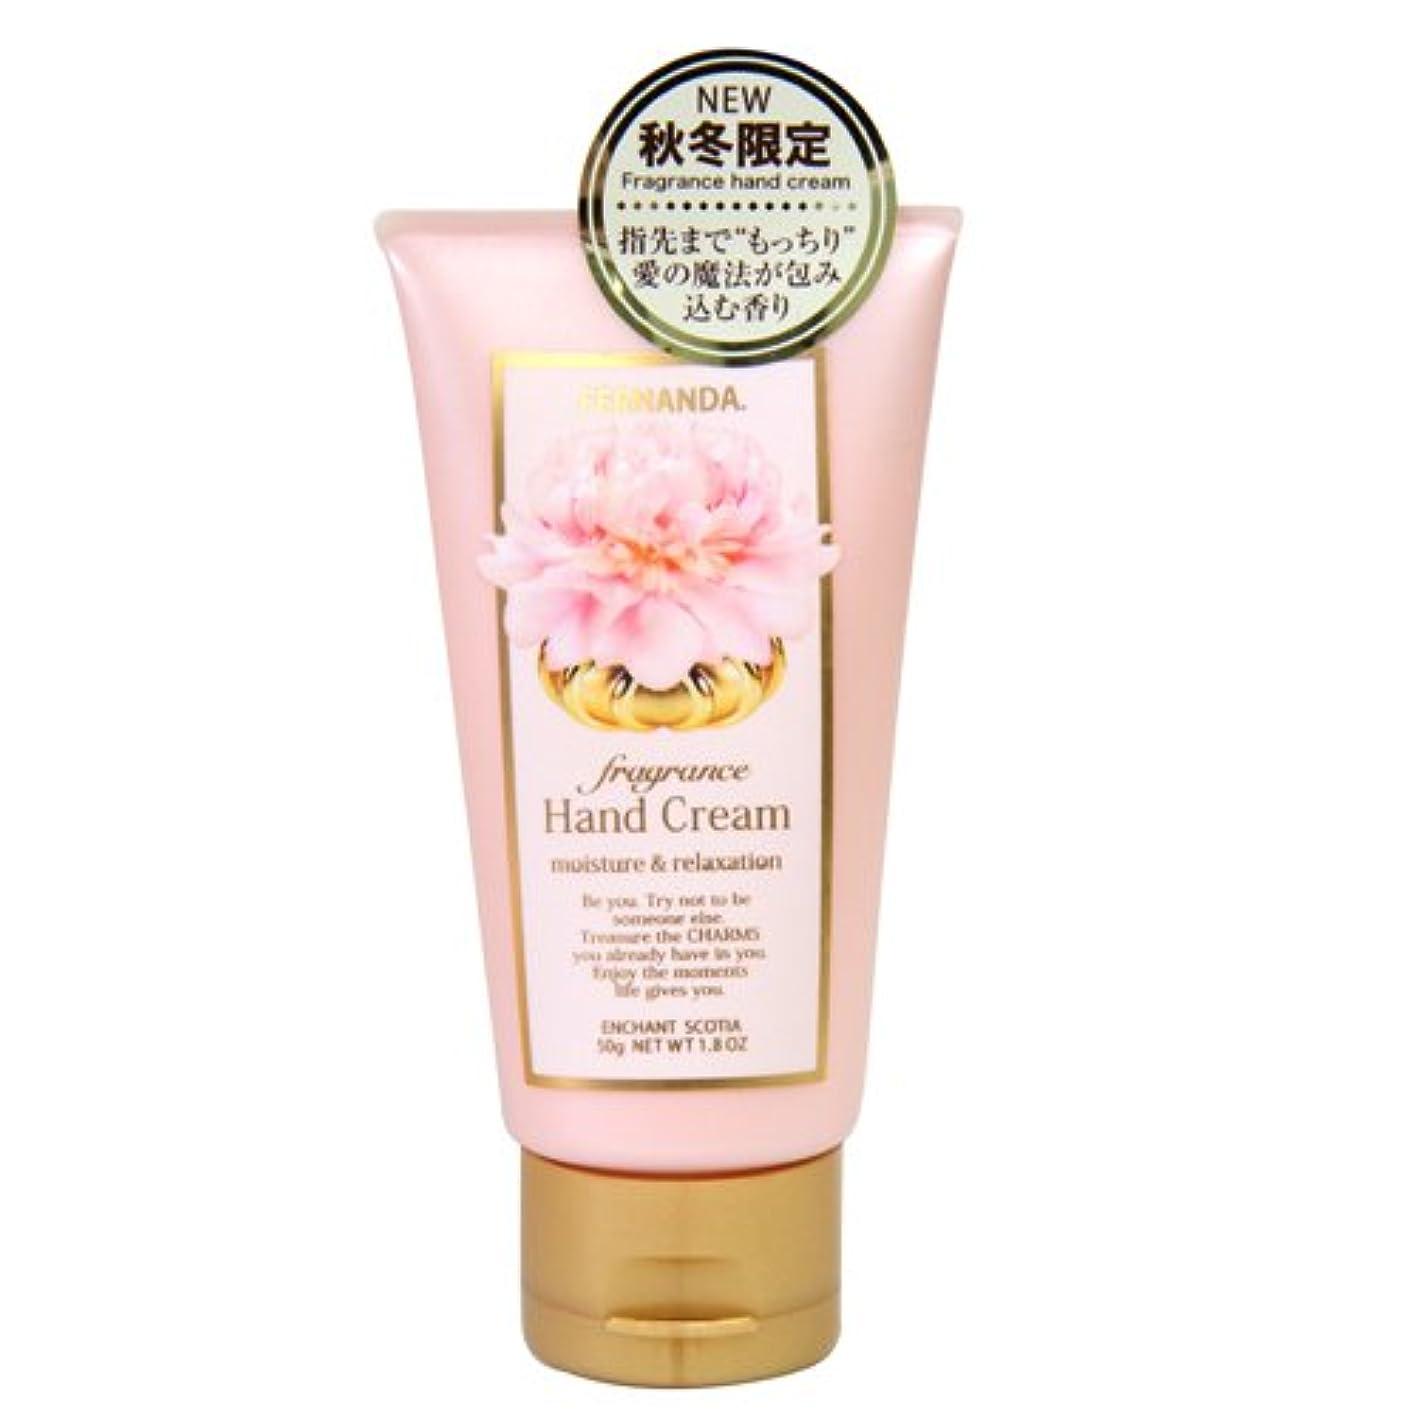 傾向ワイド限界FERNANDA(フェルナンダ) Hand Cream Enchant Scotia (ハンドクリーム エンシャントスコティア)